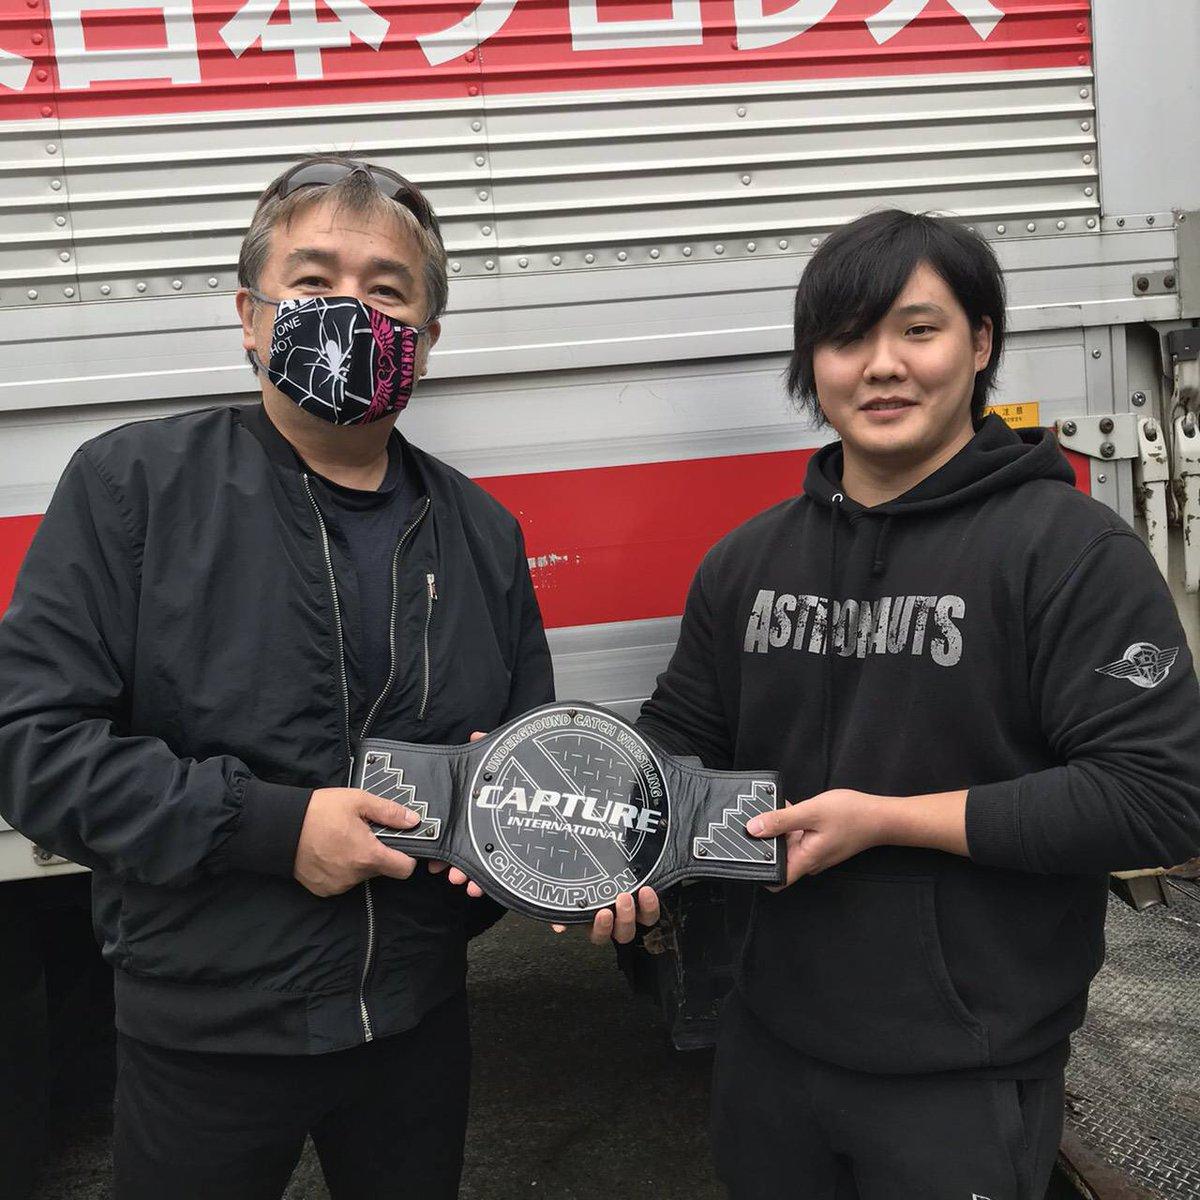 chikashitsu_m photo